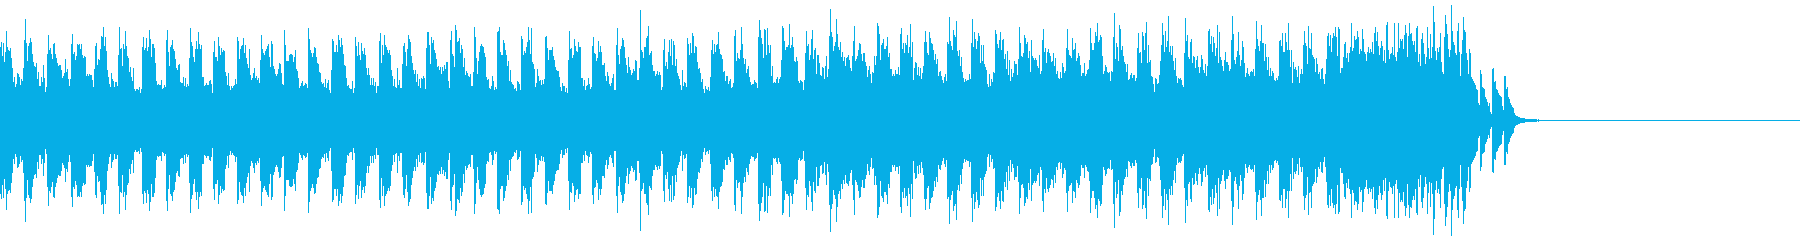 歪んだギターが使われてるジングルの再生済みの波形